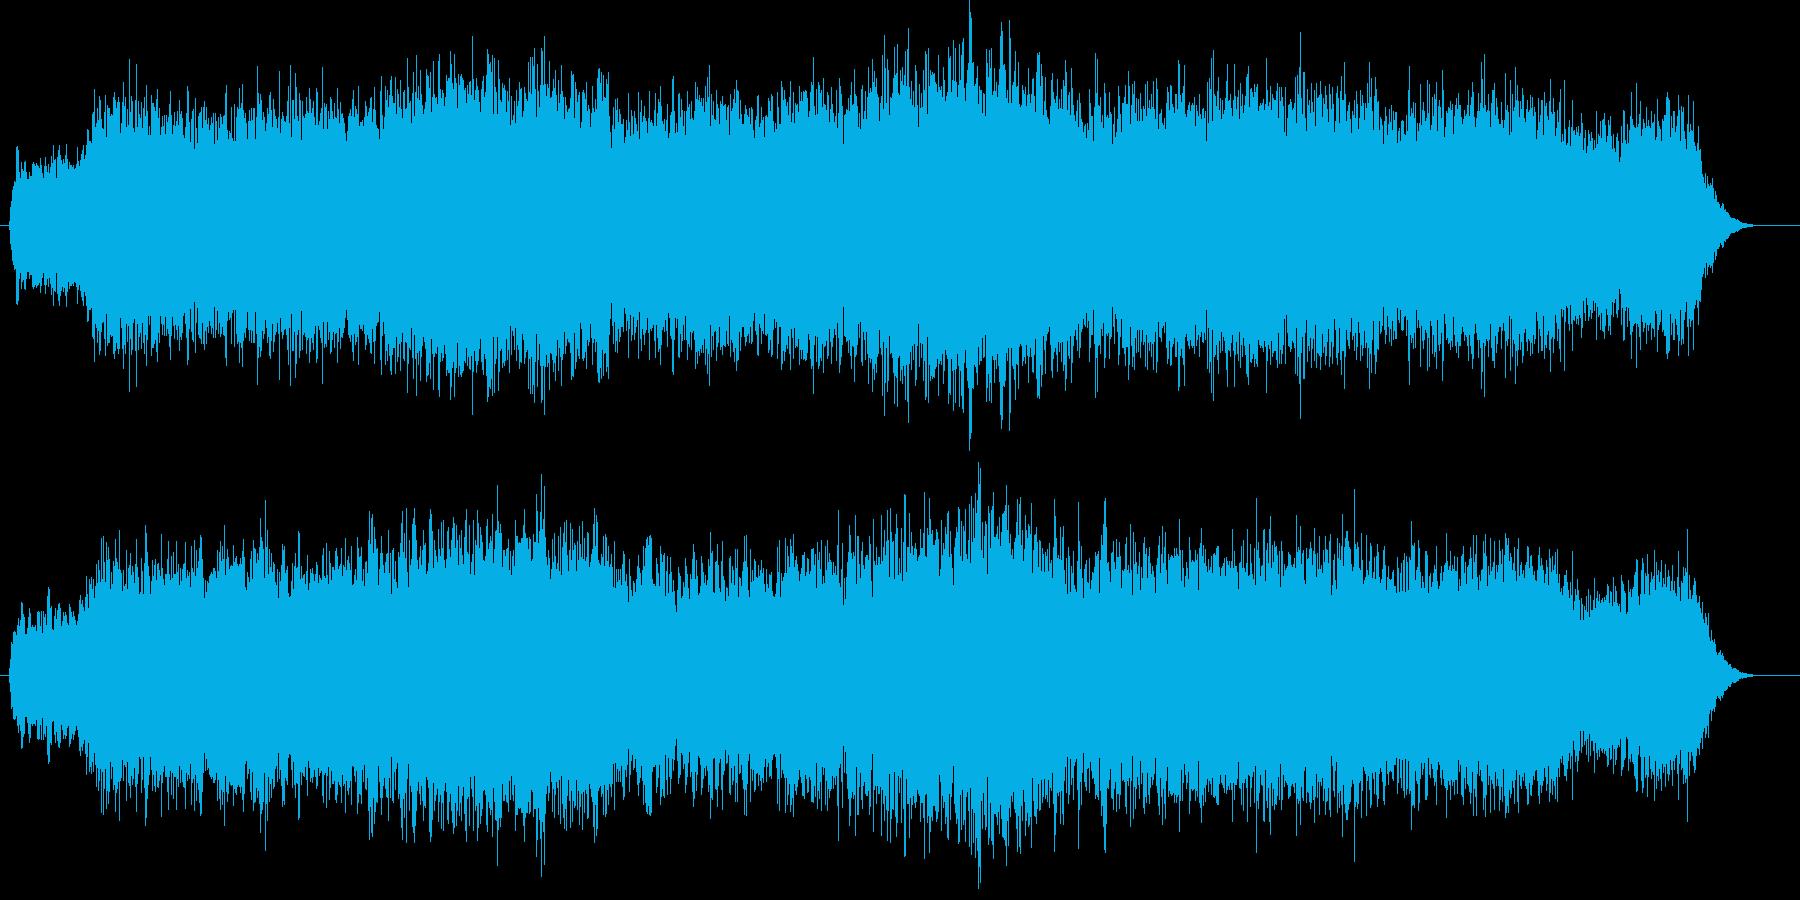 レトロで物悲しい雰囲気のシンセパッドの再生済みの波形